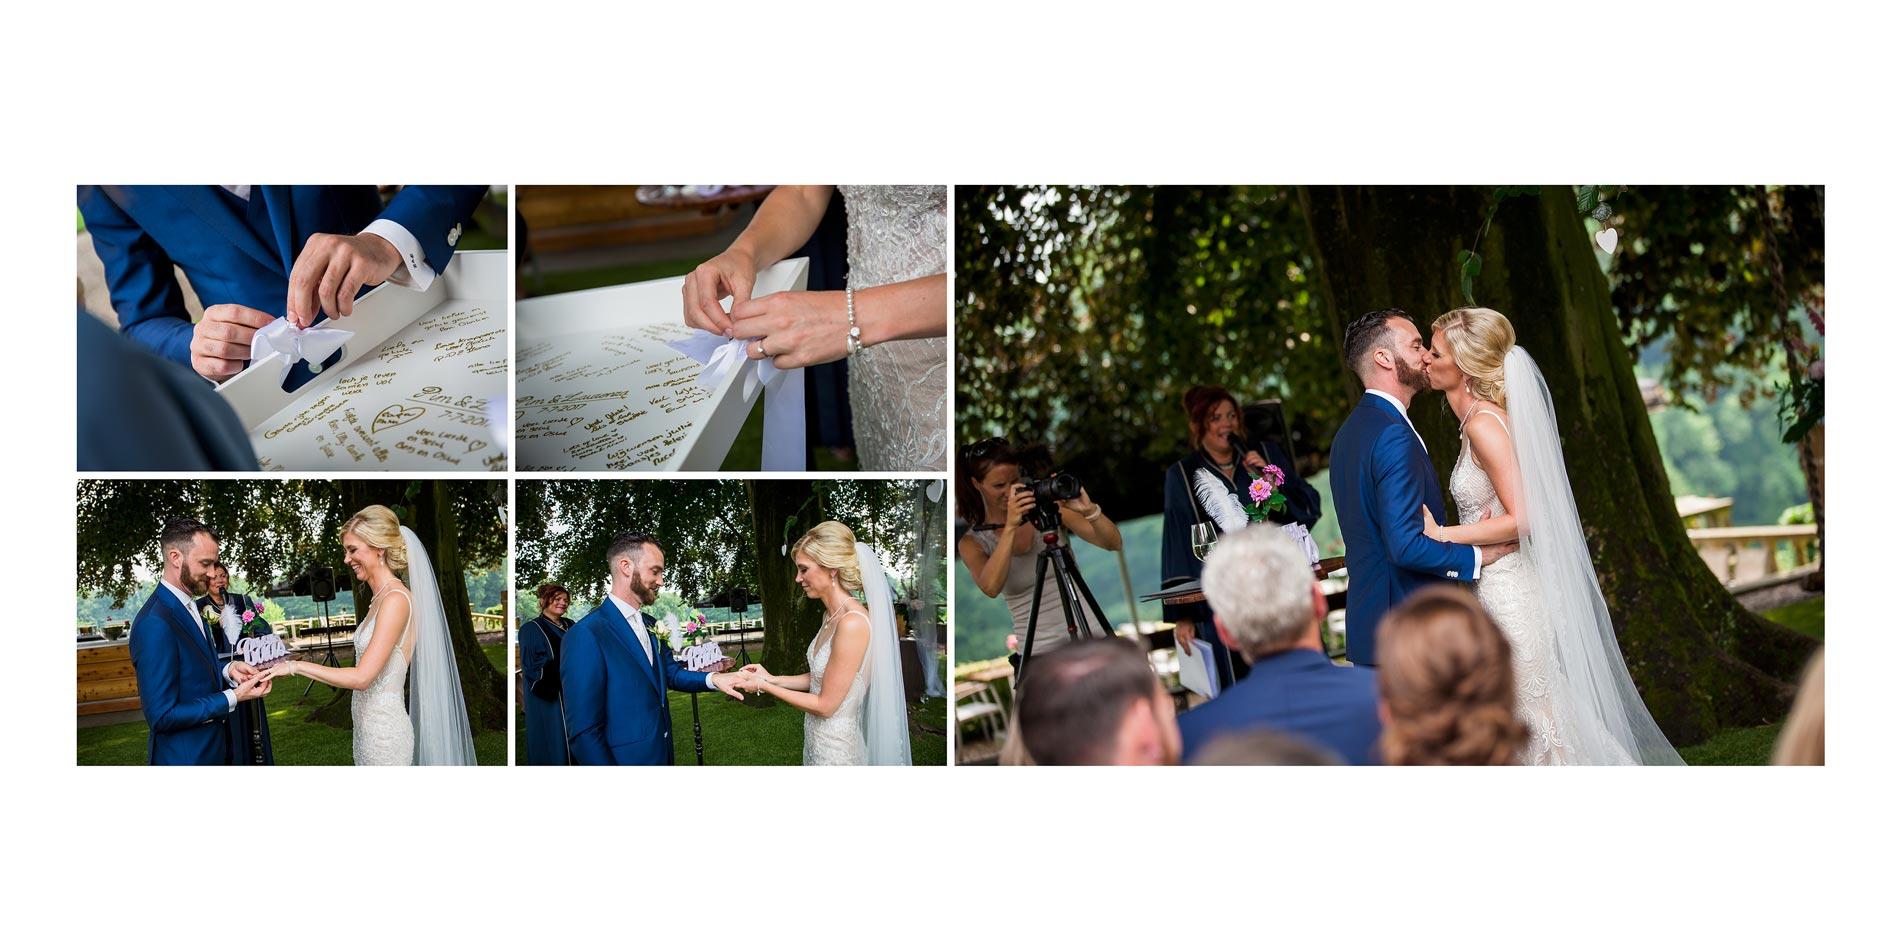 033_trouwen_voorbeeld_album_landgoed_rhederoord_bruiloft_trouwlocatie_trouwinspiratie